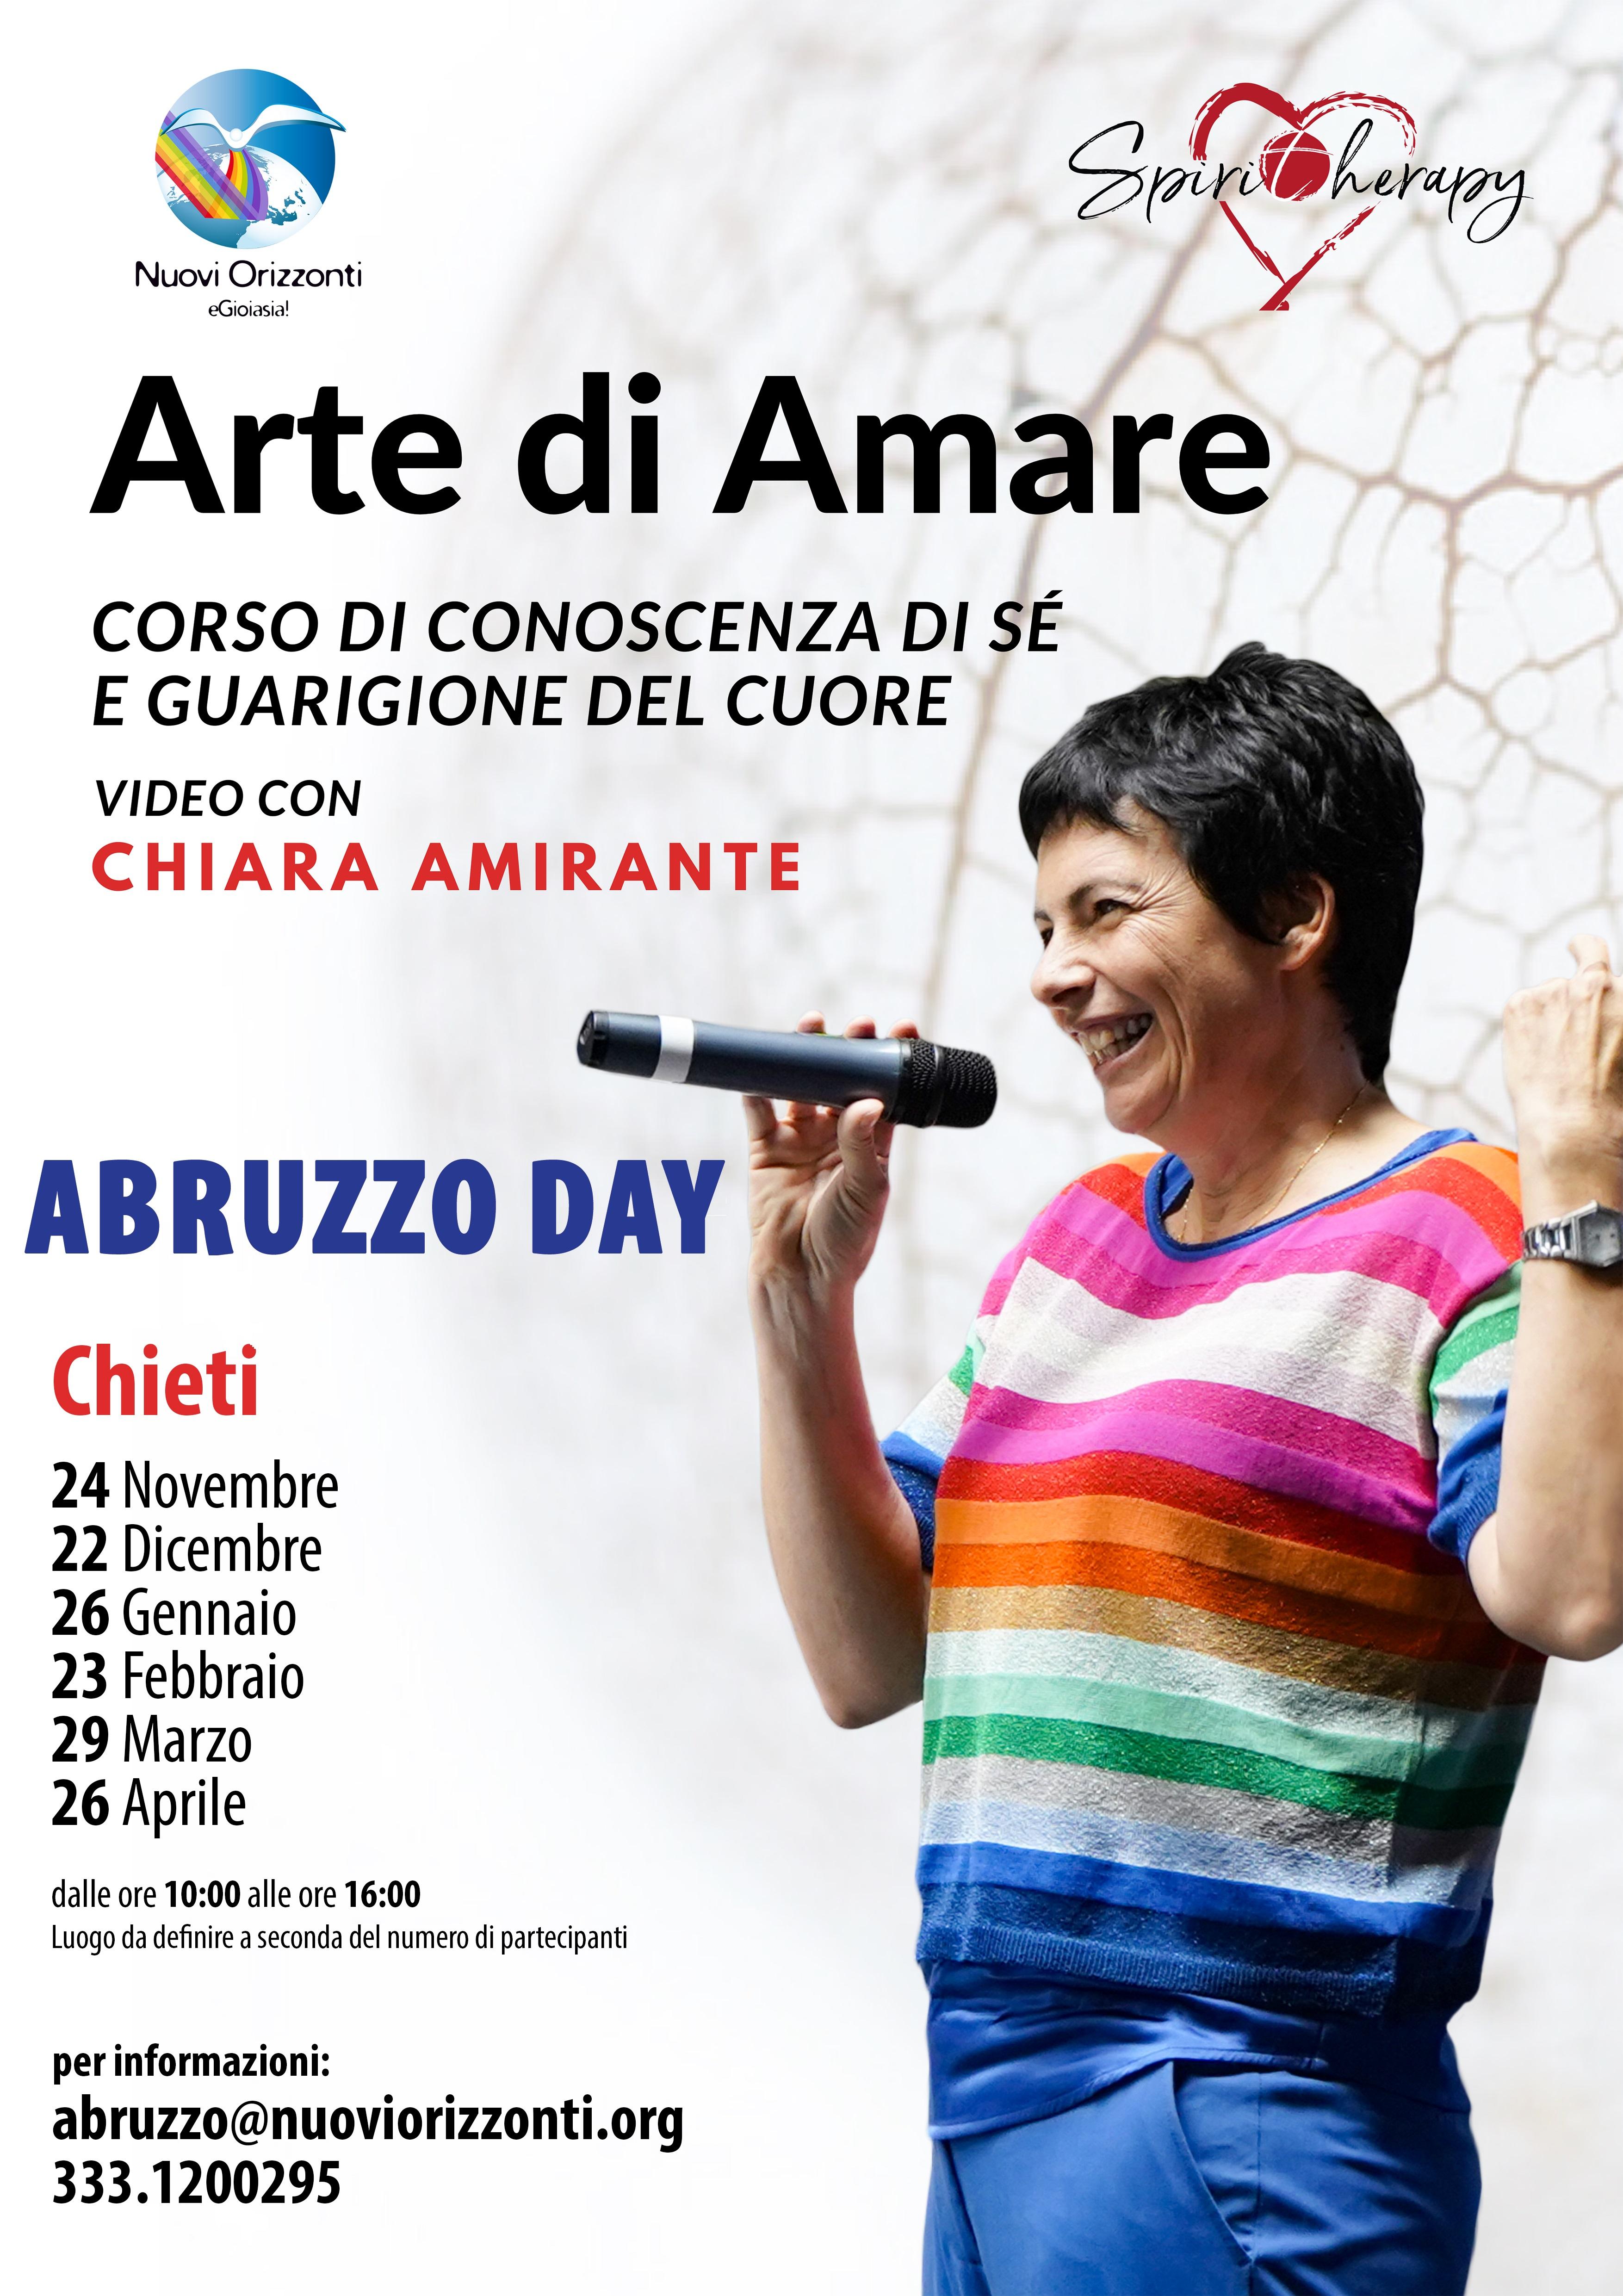 locandina-arte-damare-abruzzo-day